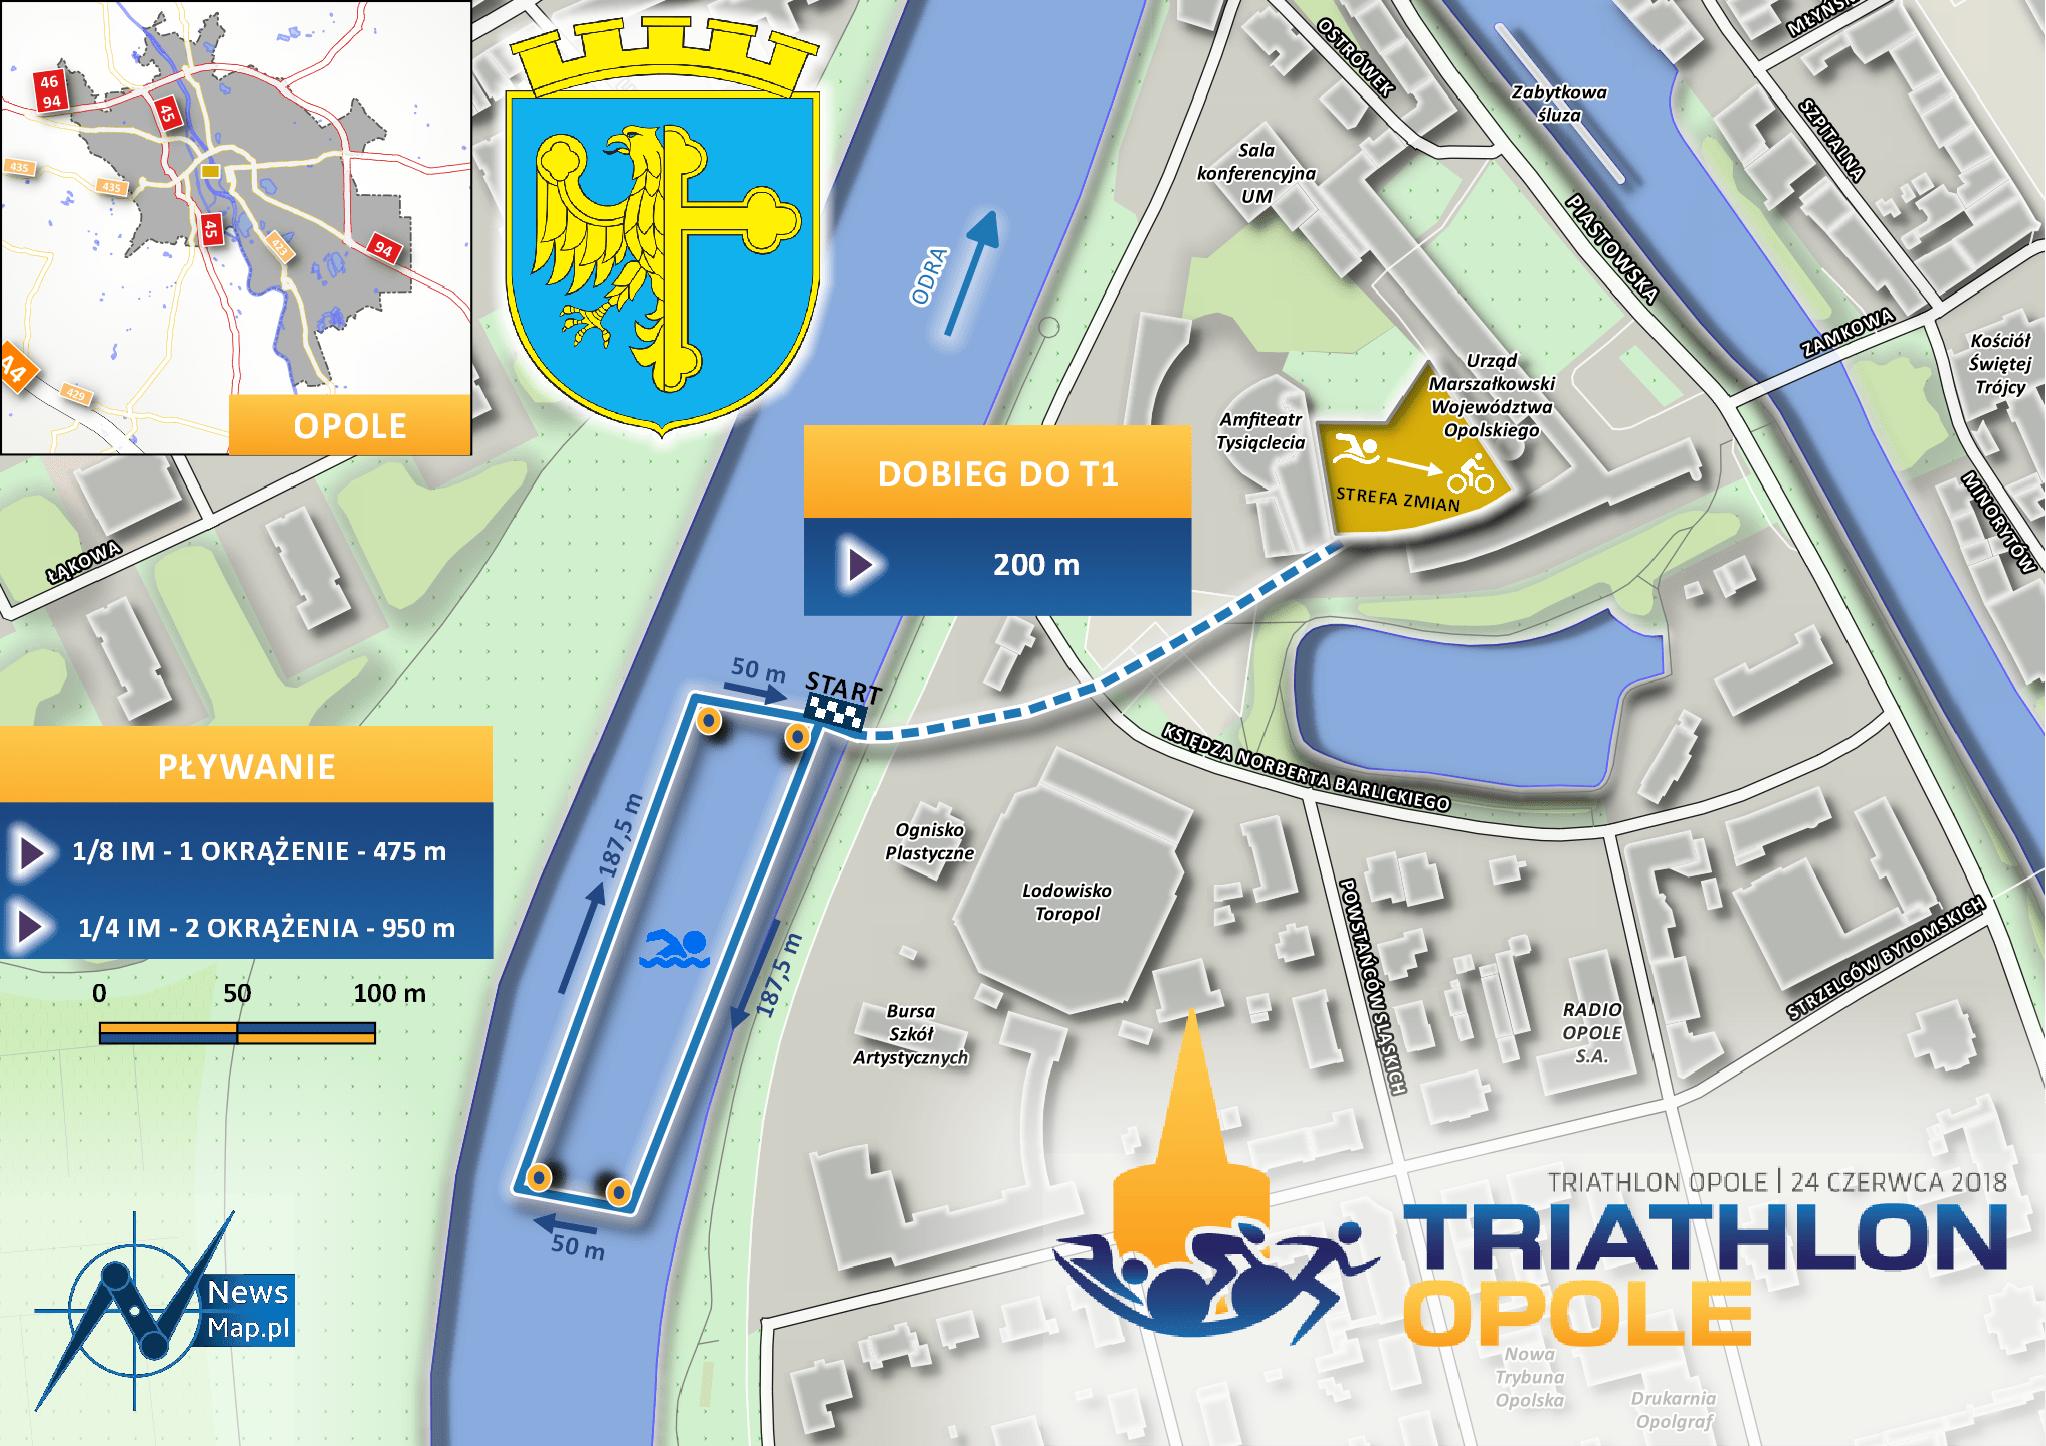 Triathlon Opole 2018 - Pływanie